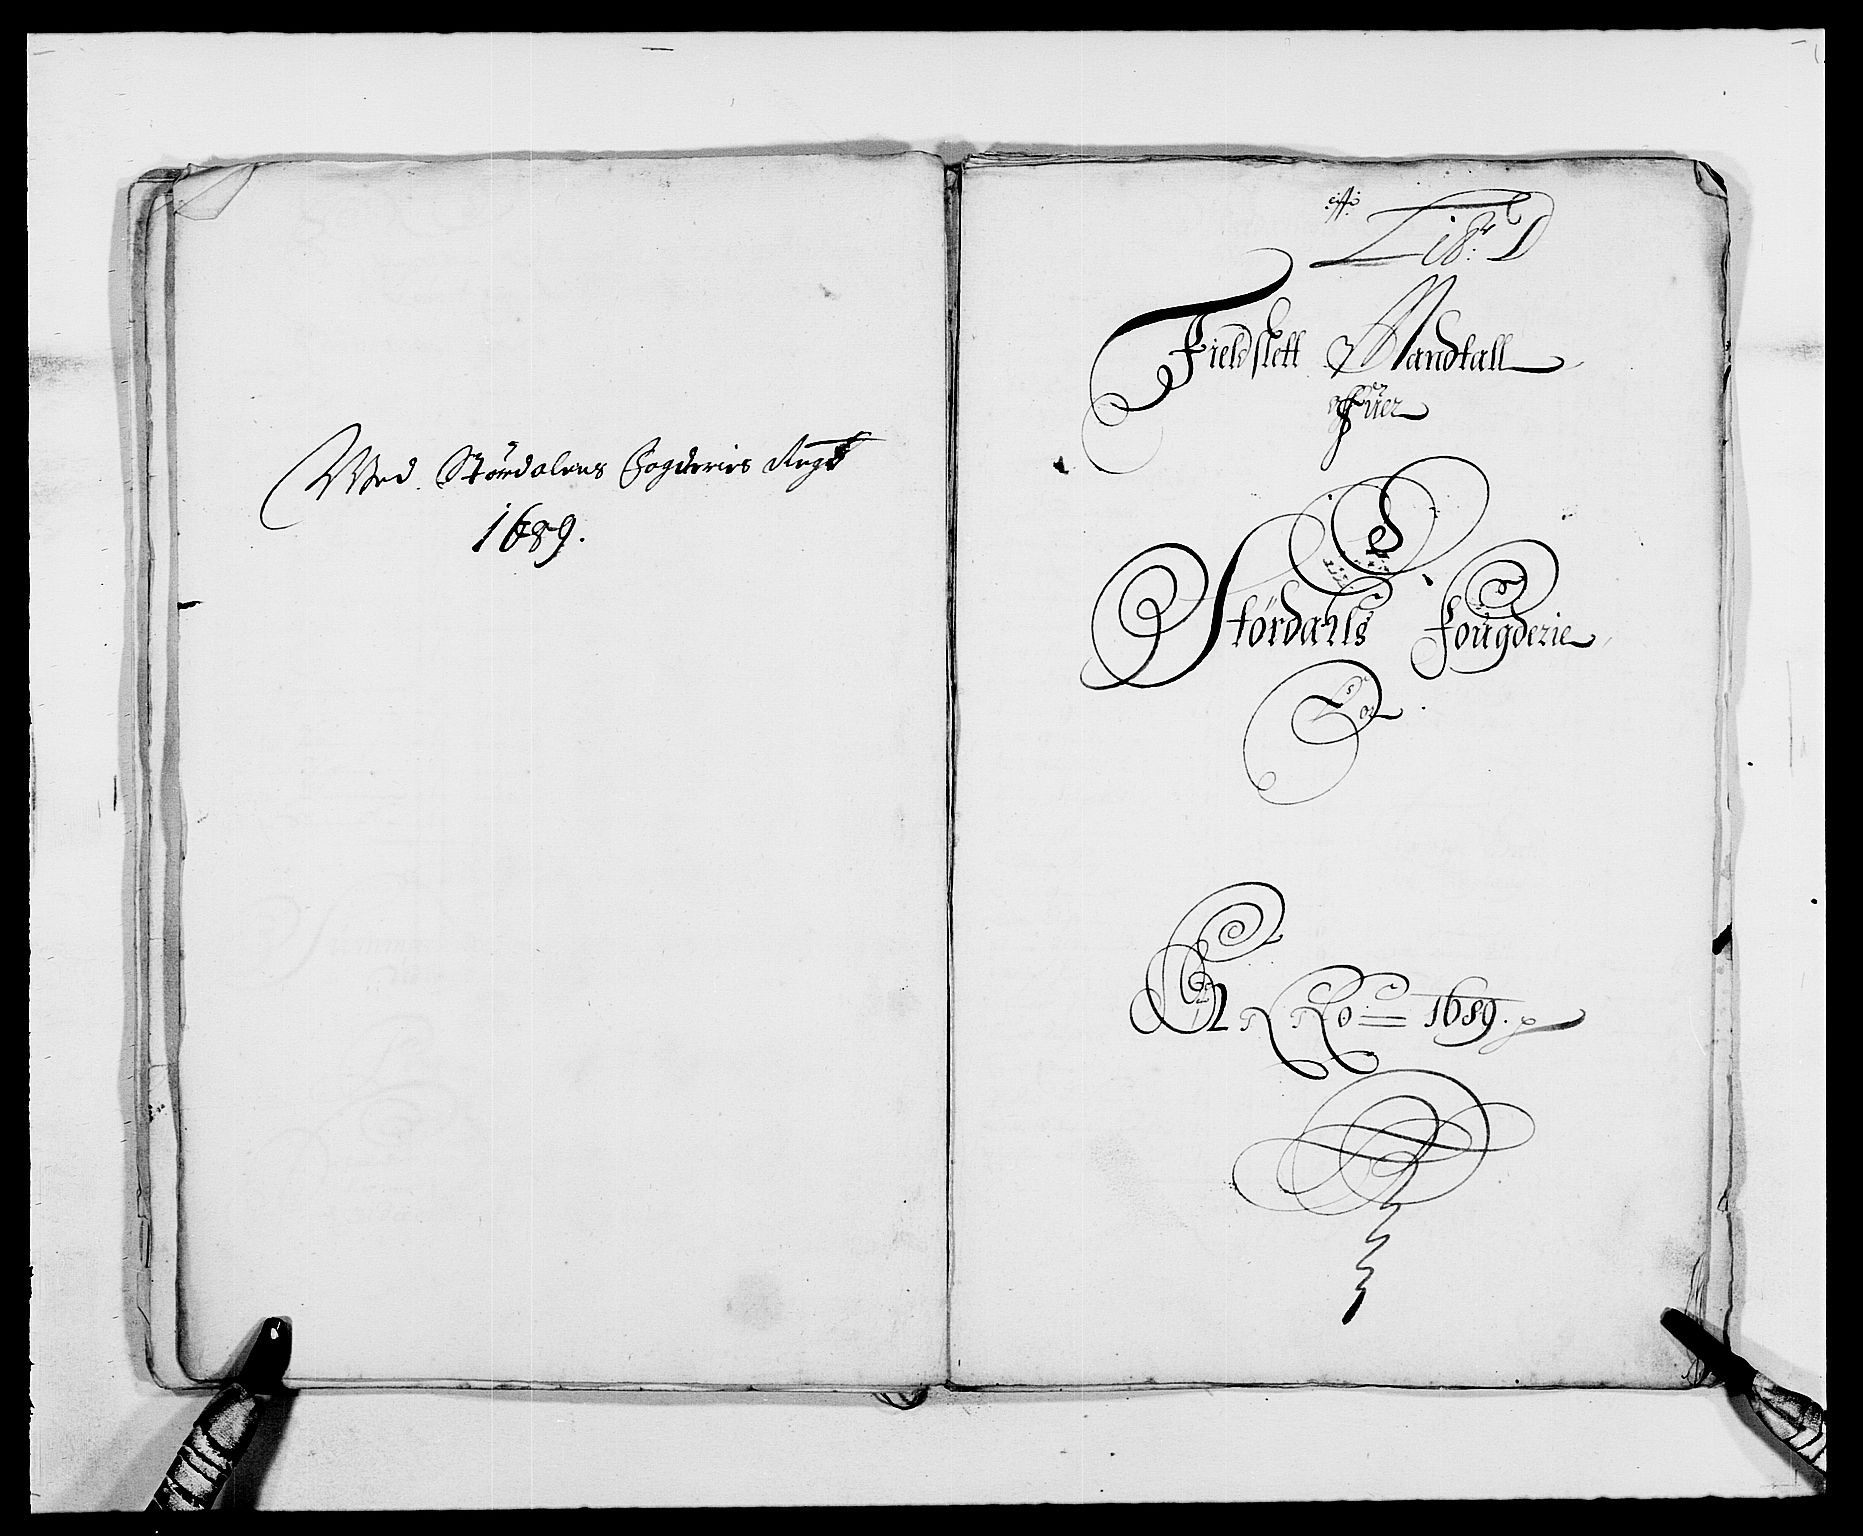 RA, Rentekammeret inntil 1814, Reviderte regnskaper, Fogderegnskap, R62/L4183: Fogderegnskap Stjørdal og Verdal, 1687-1689, s. 327